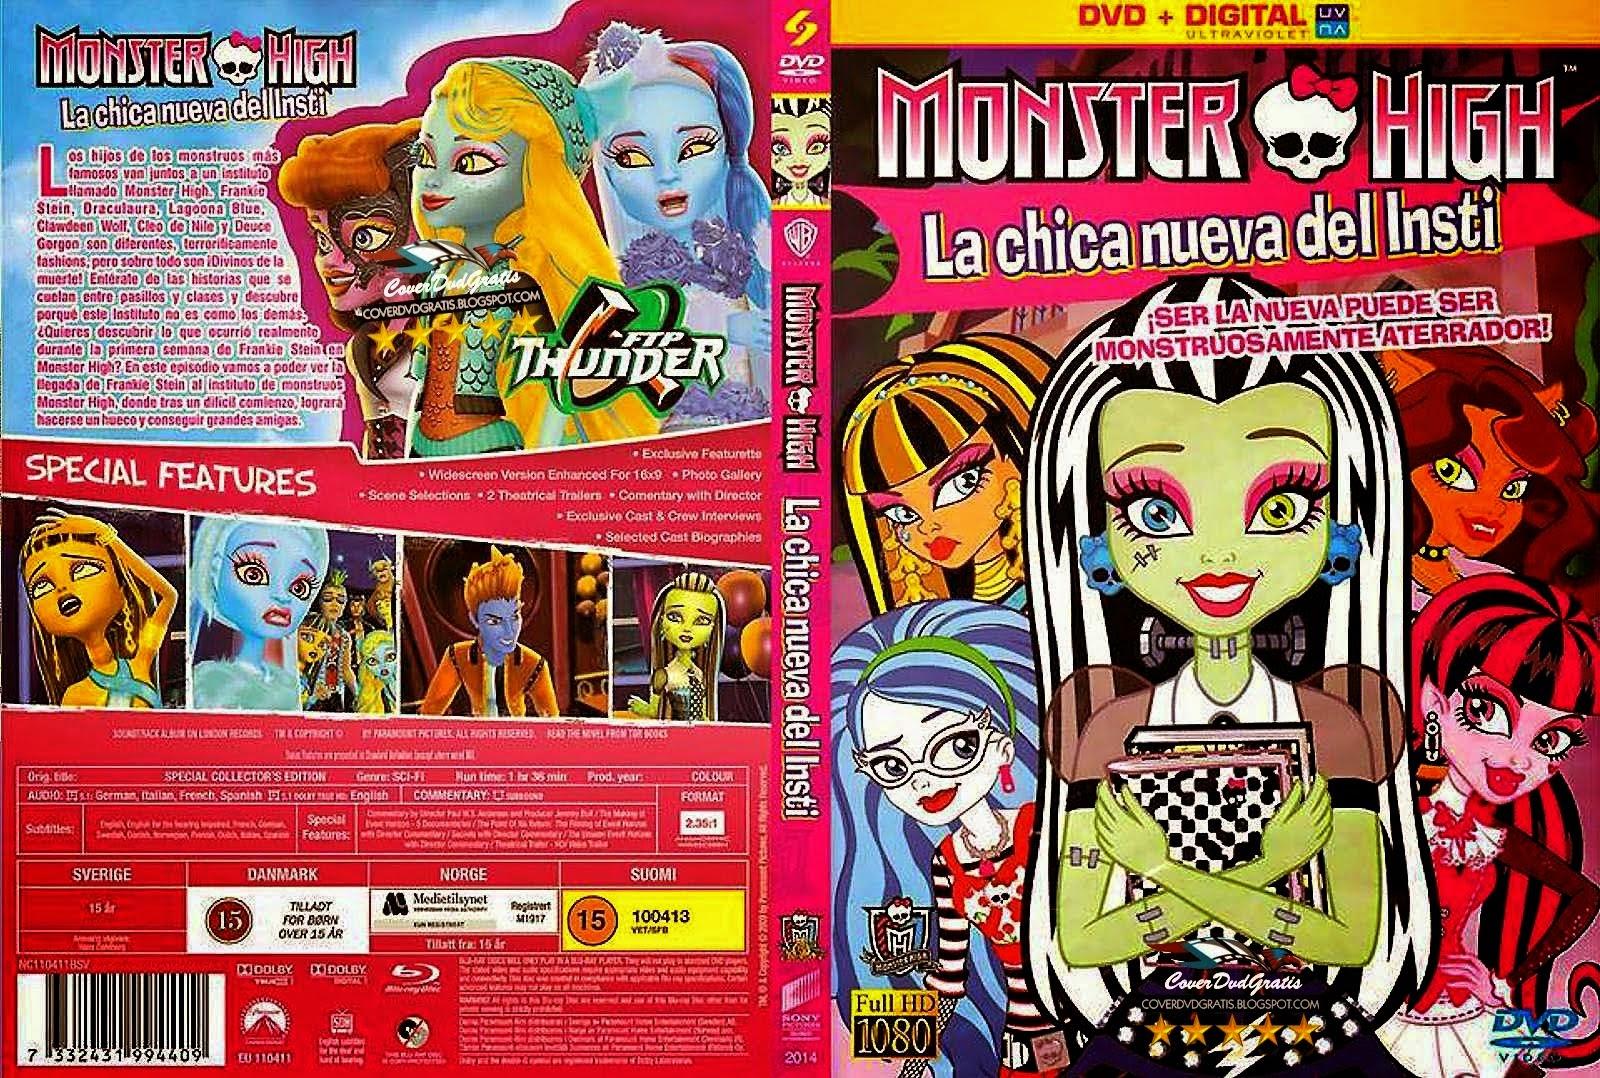 monster high la chica nueva del insti